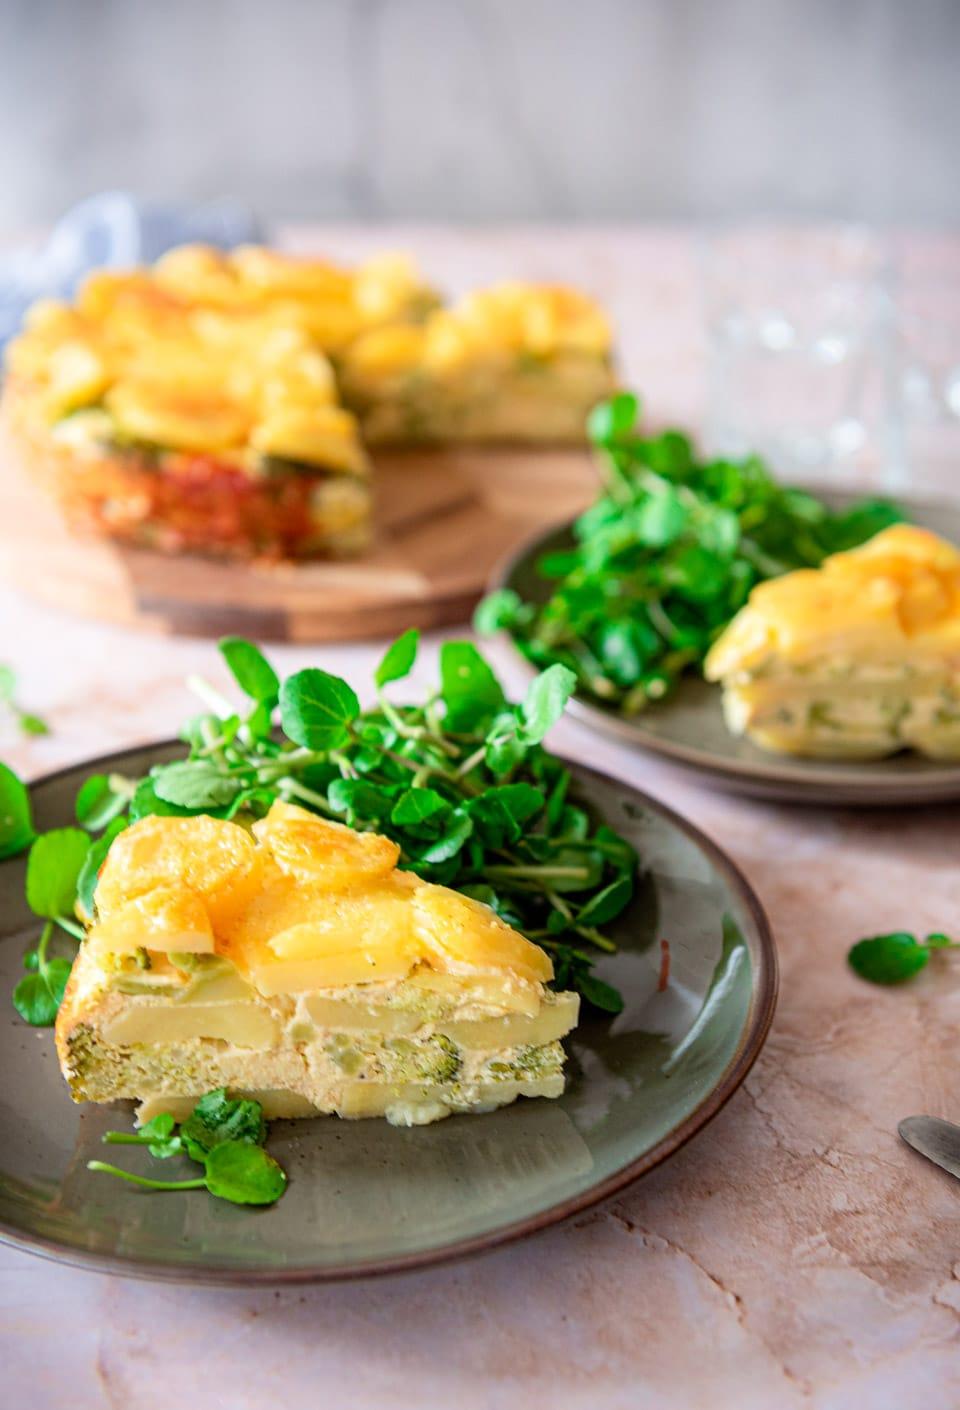 Vegetarische maaltijd, hartige taart met broccoli en aardappel